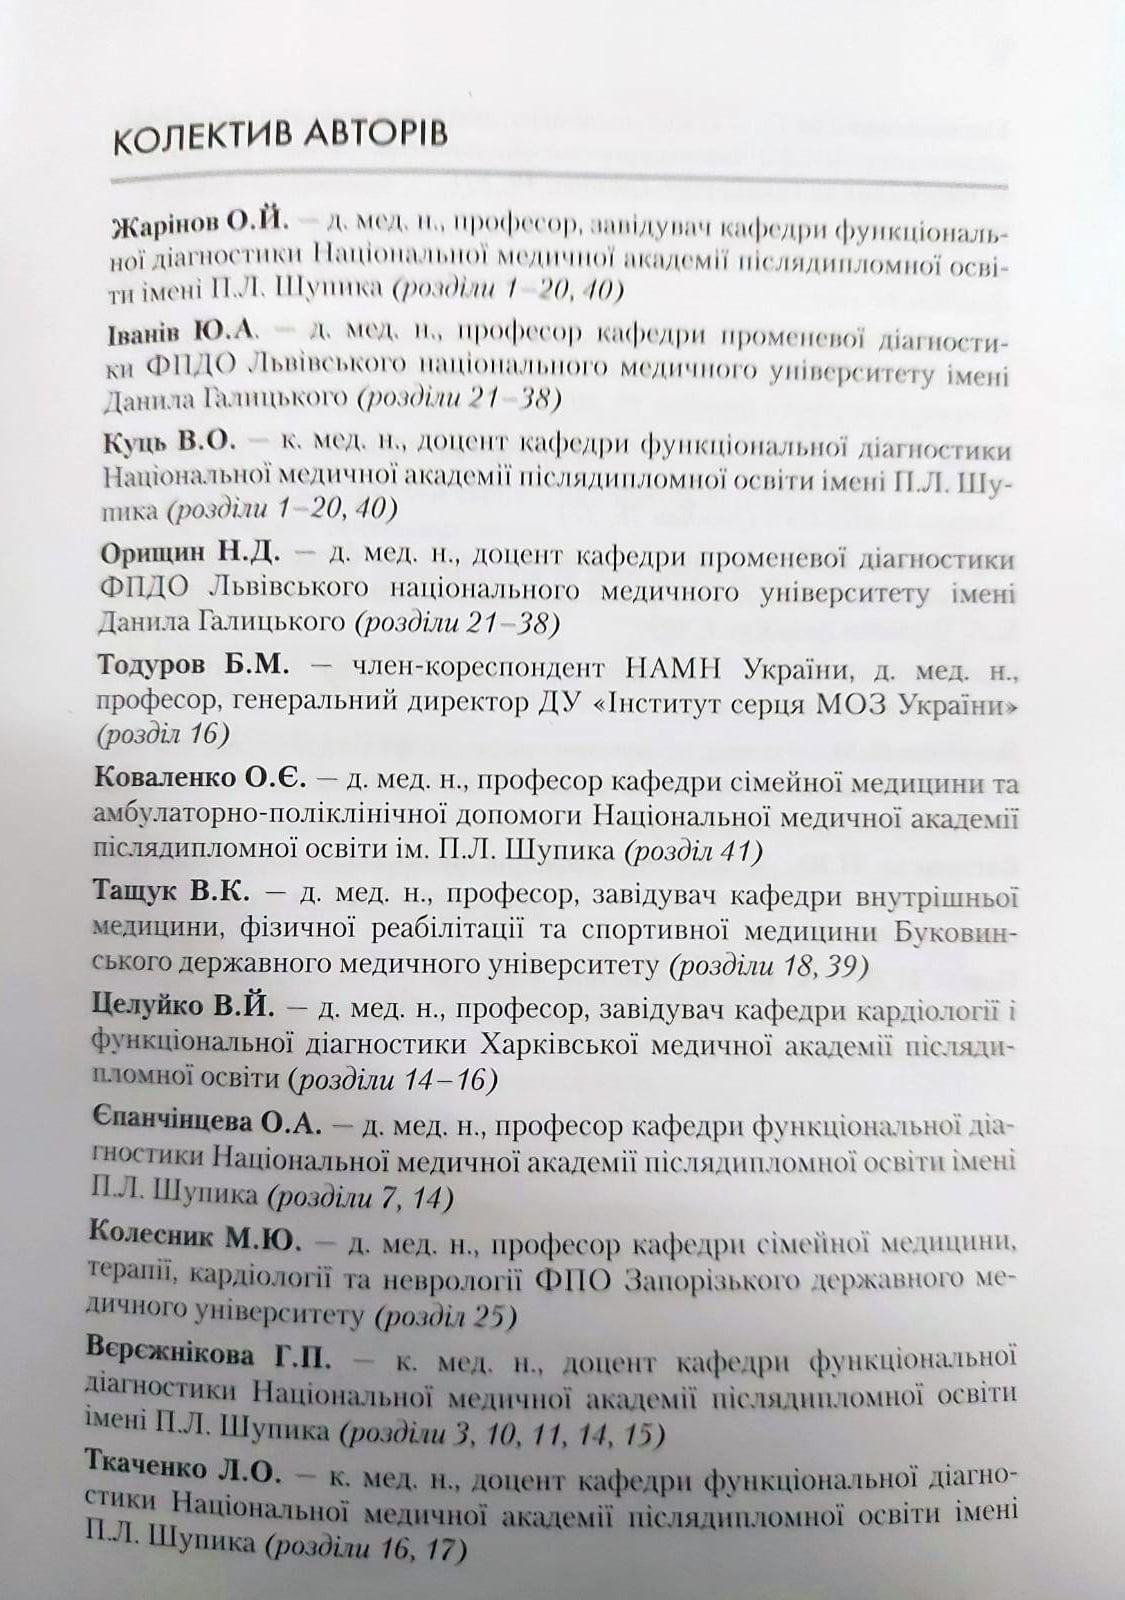 Колектив авторів. Книга призначена для системи післядипломного навчання лікарів з функціональної діагностики. Зокрема, підручник «Функціональна діагностика» є одним з базових для підготовки лікарів в інтернатурі і на циклах спеціалізації.